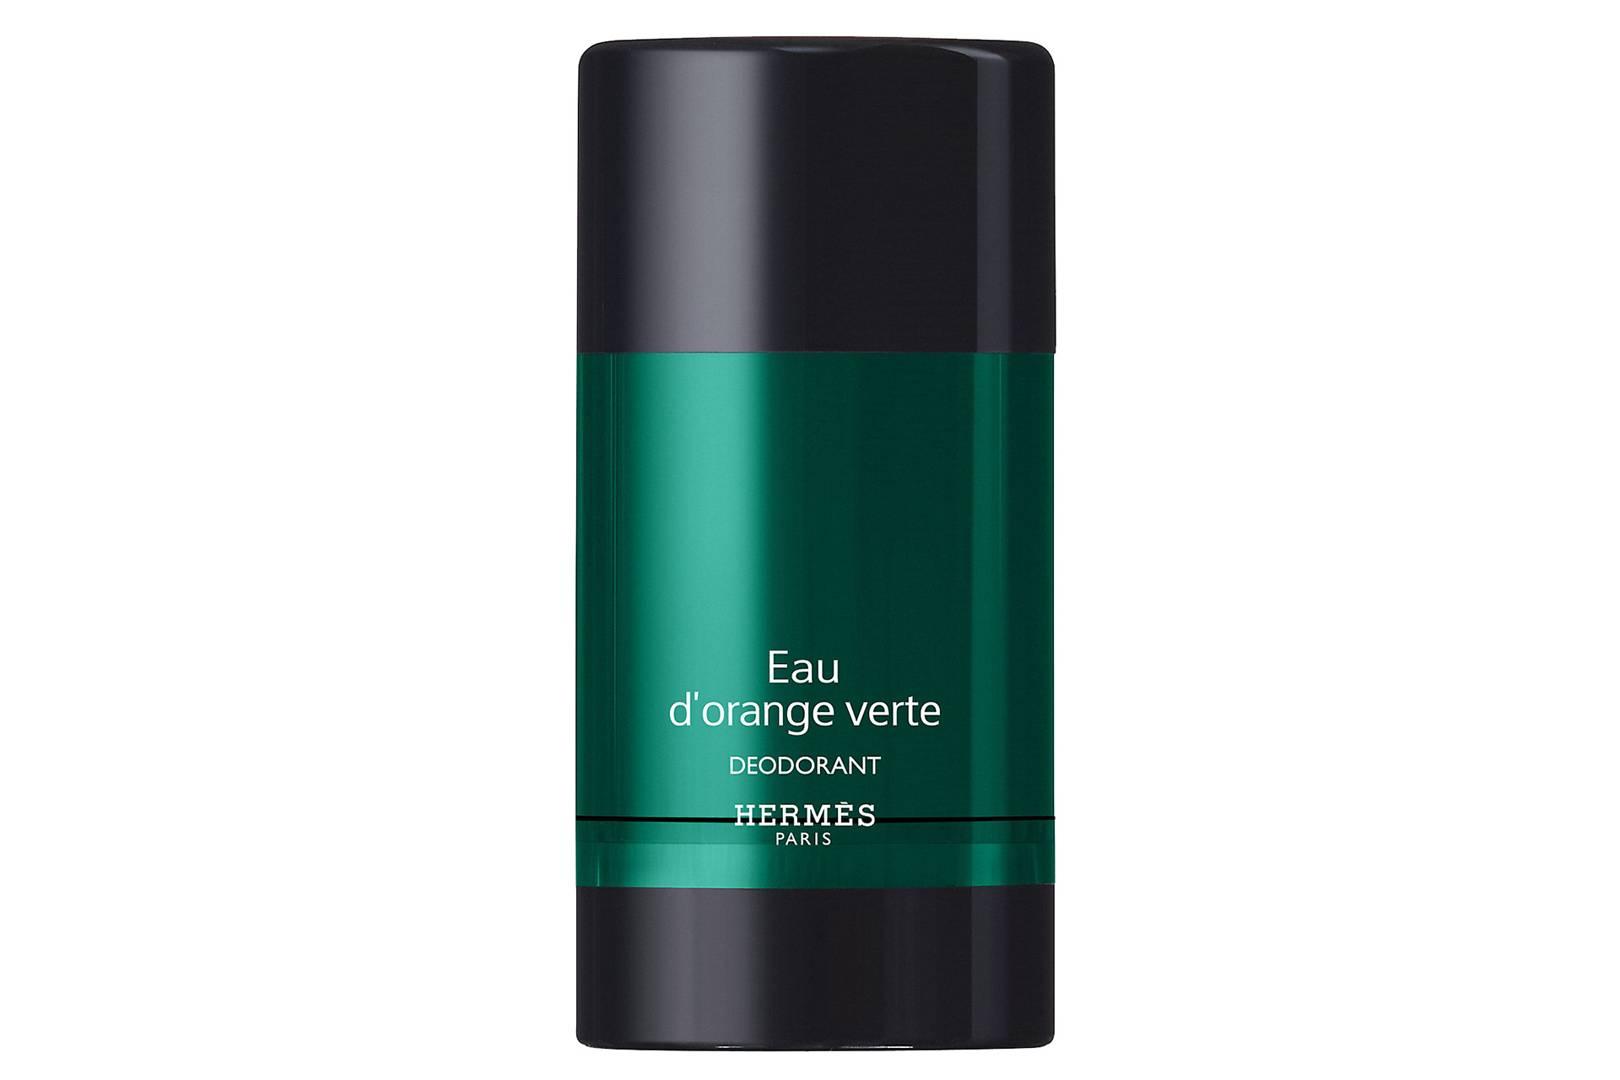 44bcd6b33 Best deodorants for men 2019